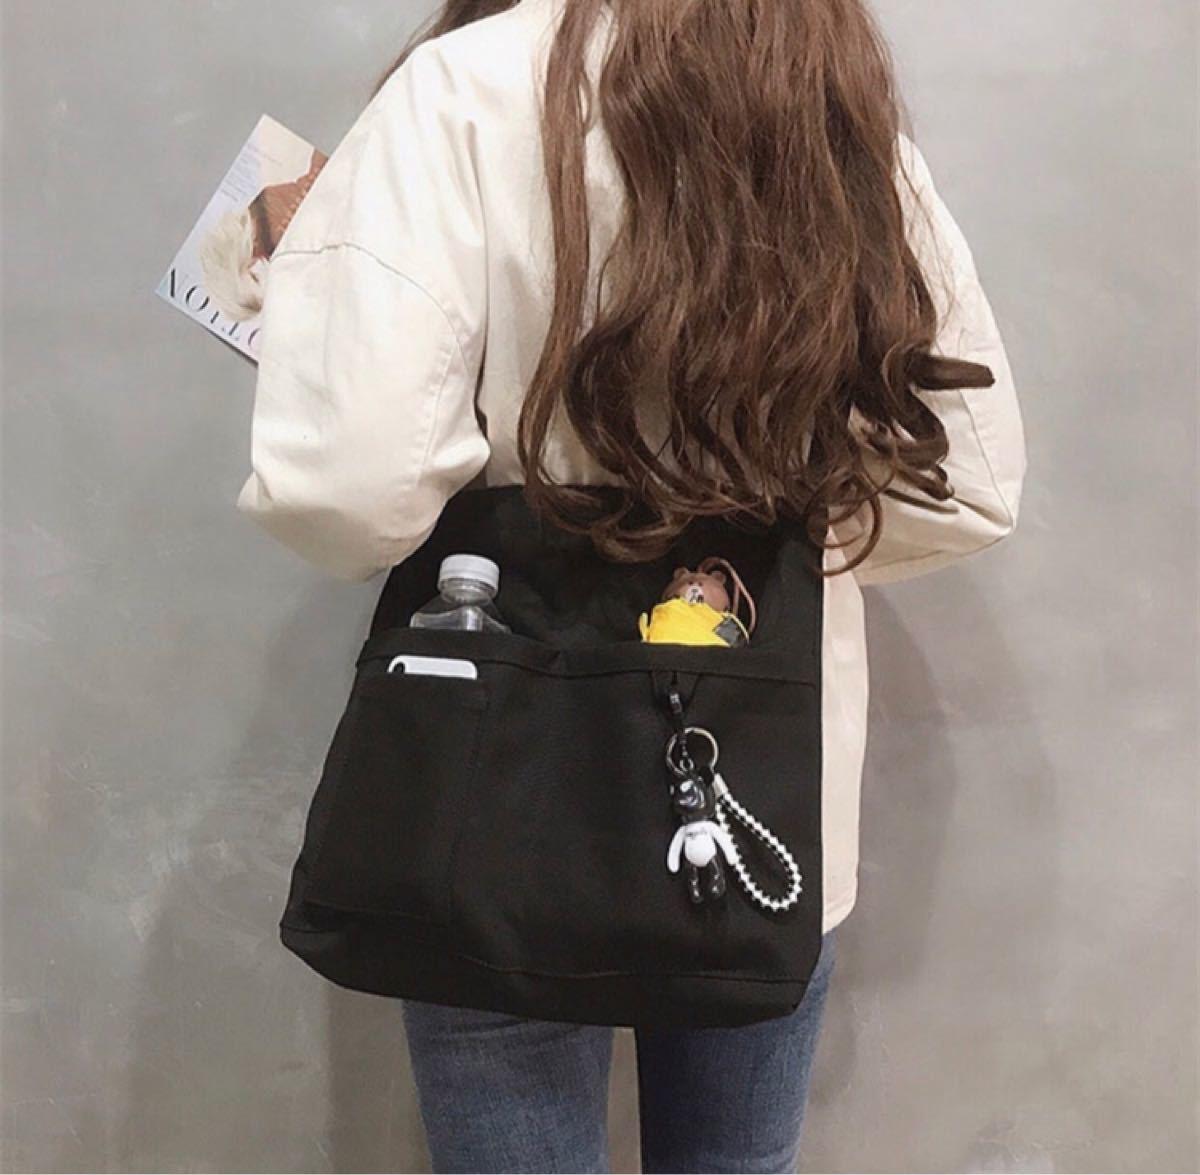 キャンバスバッグ ショルダーバッグ レディース メンズ  2way ブラック 大容量 A4 3ポケット トートバッグ 新品未使用